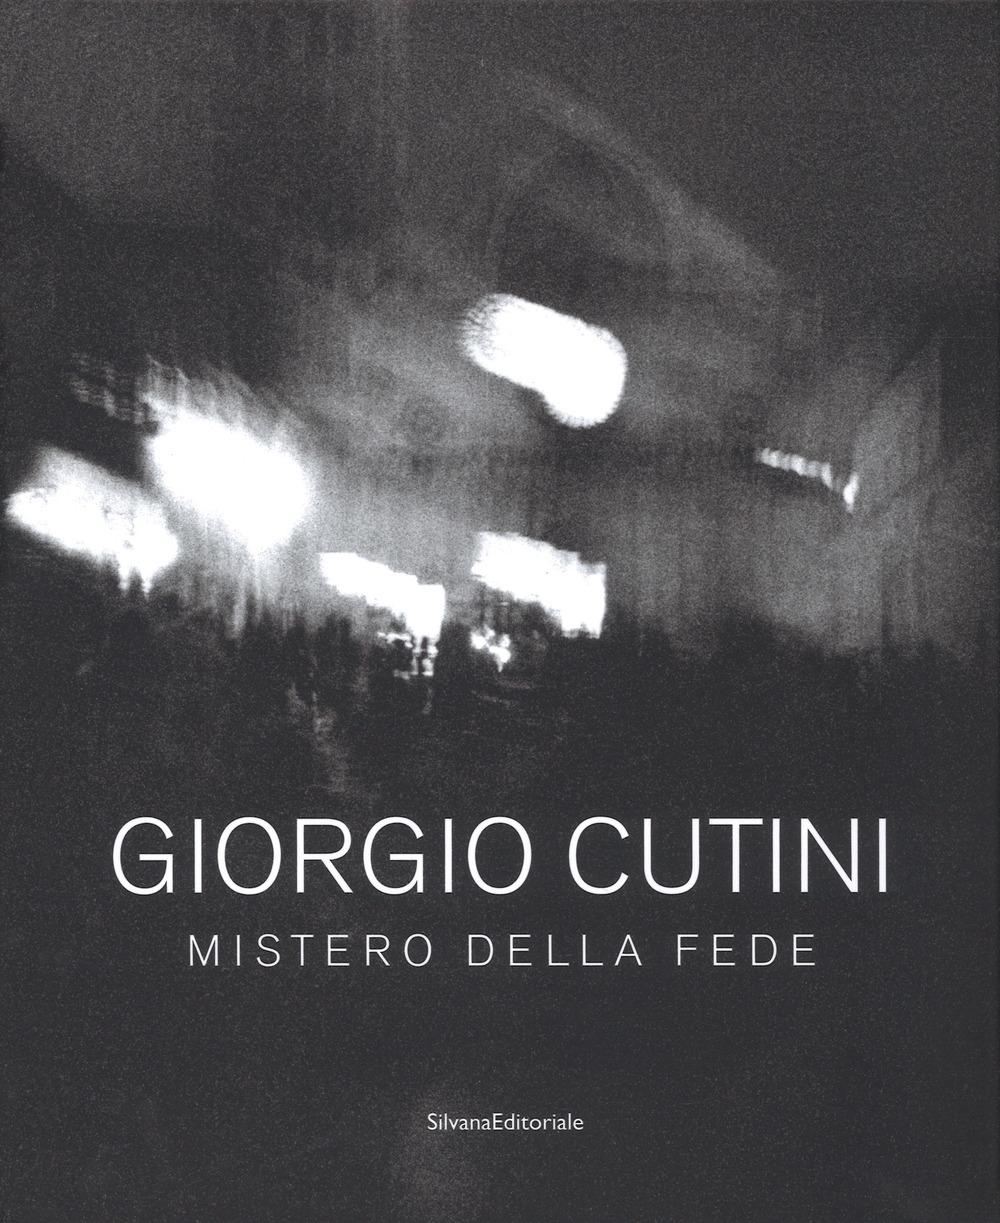 Giorgio Cutini. Mistero della fede. La bellezza e la poesia del tragico